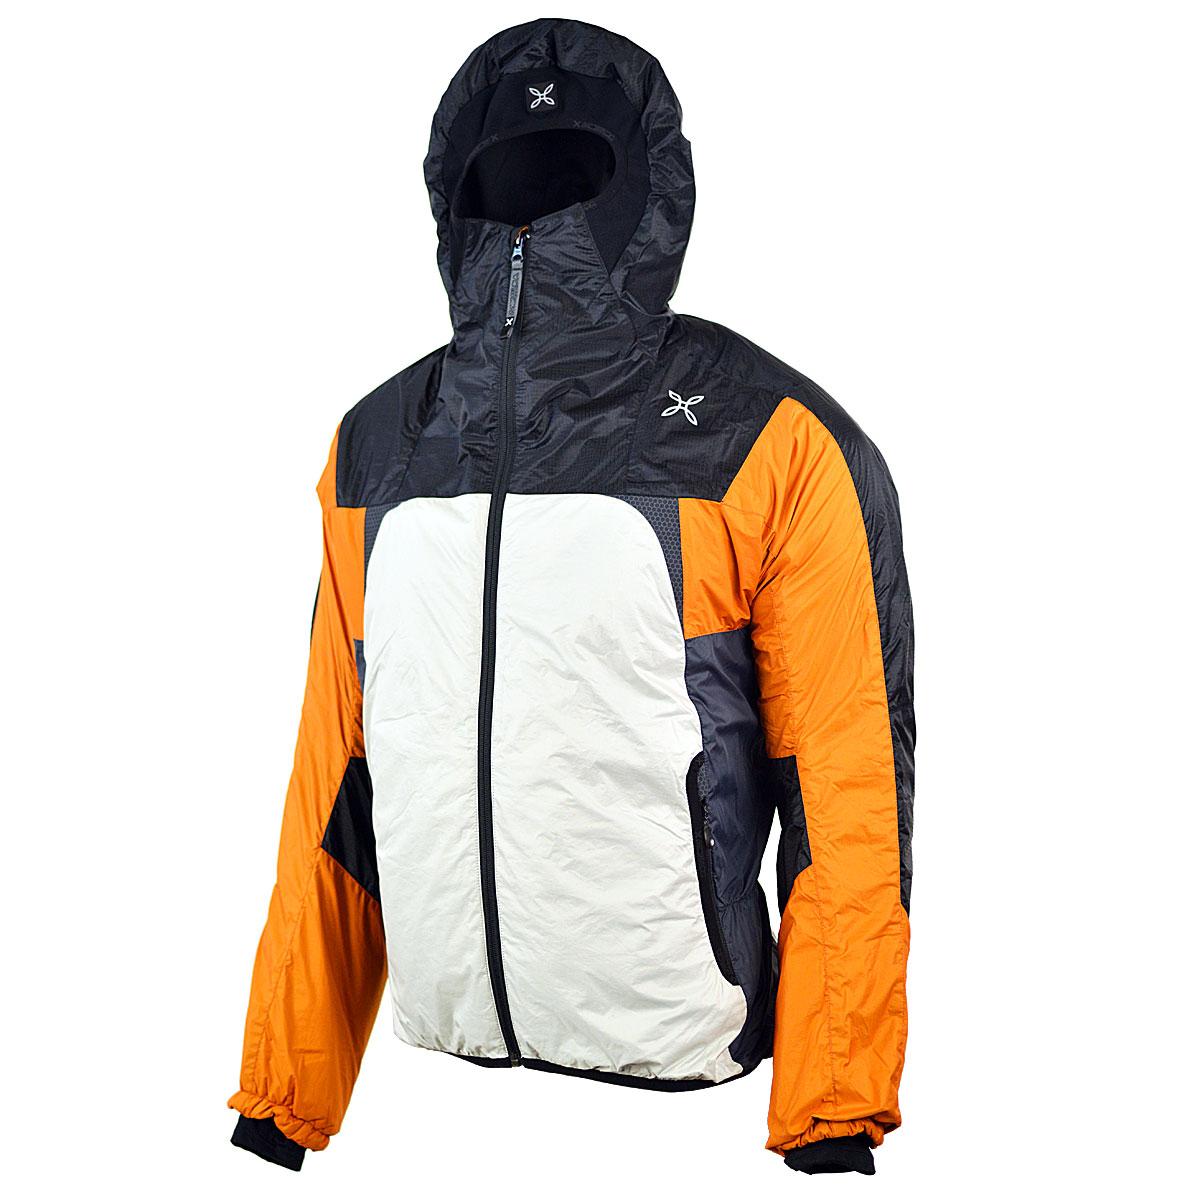 Montura Montura giacca uomo giacca Montura sci sci giacca uomo pwdfwX b71b8b5361e